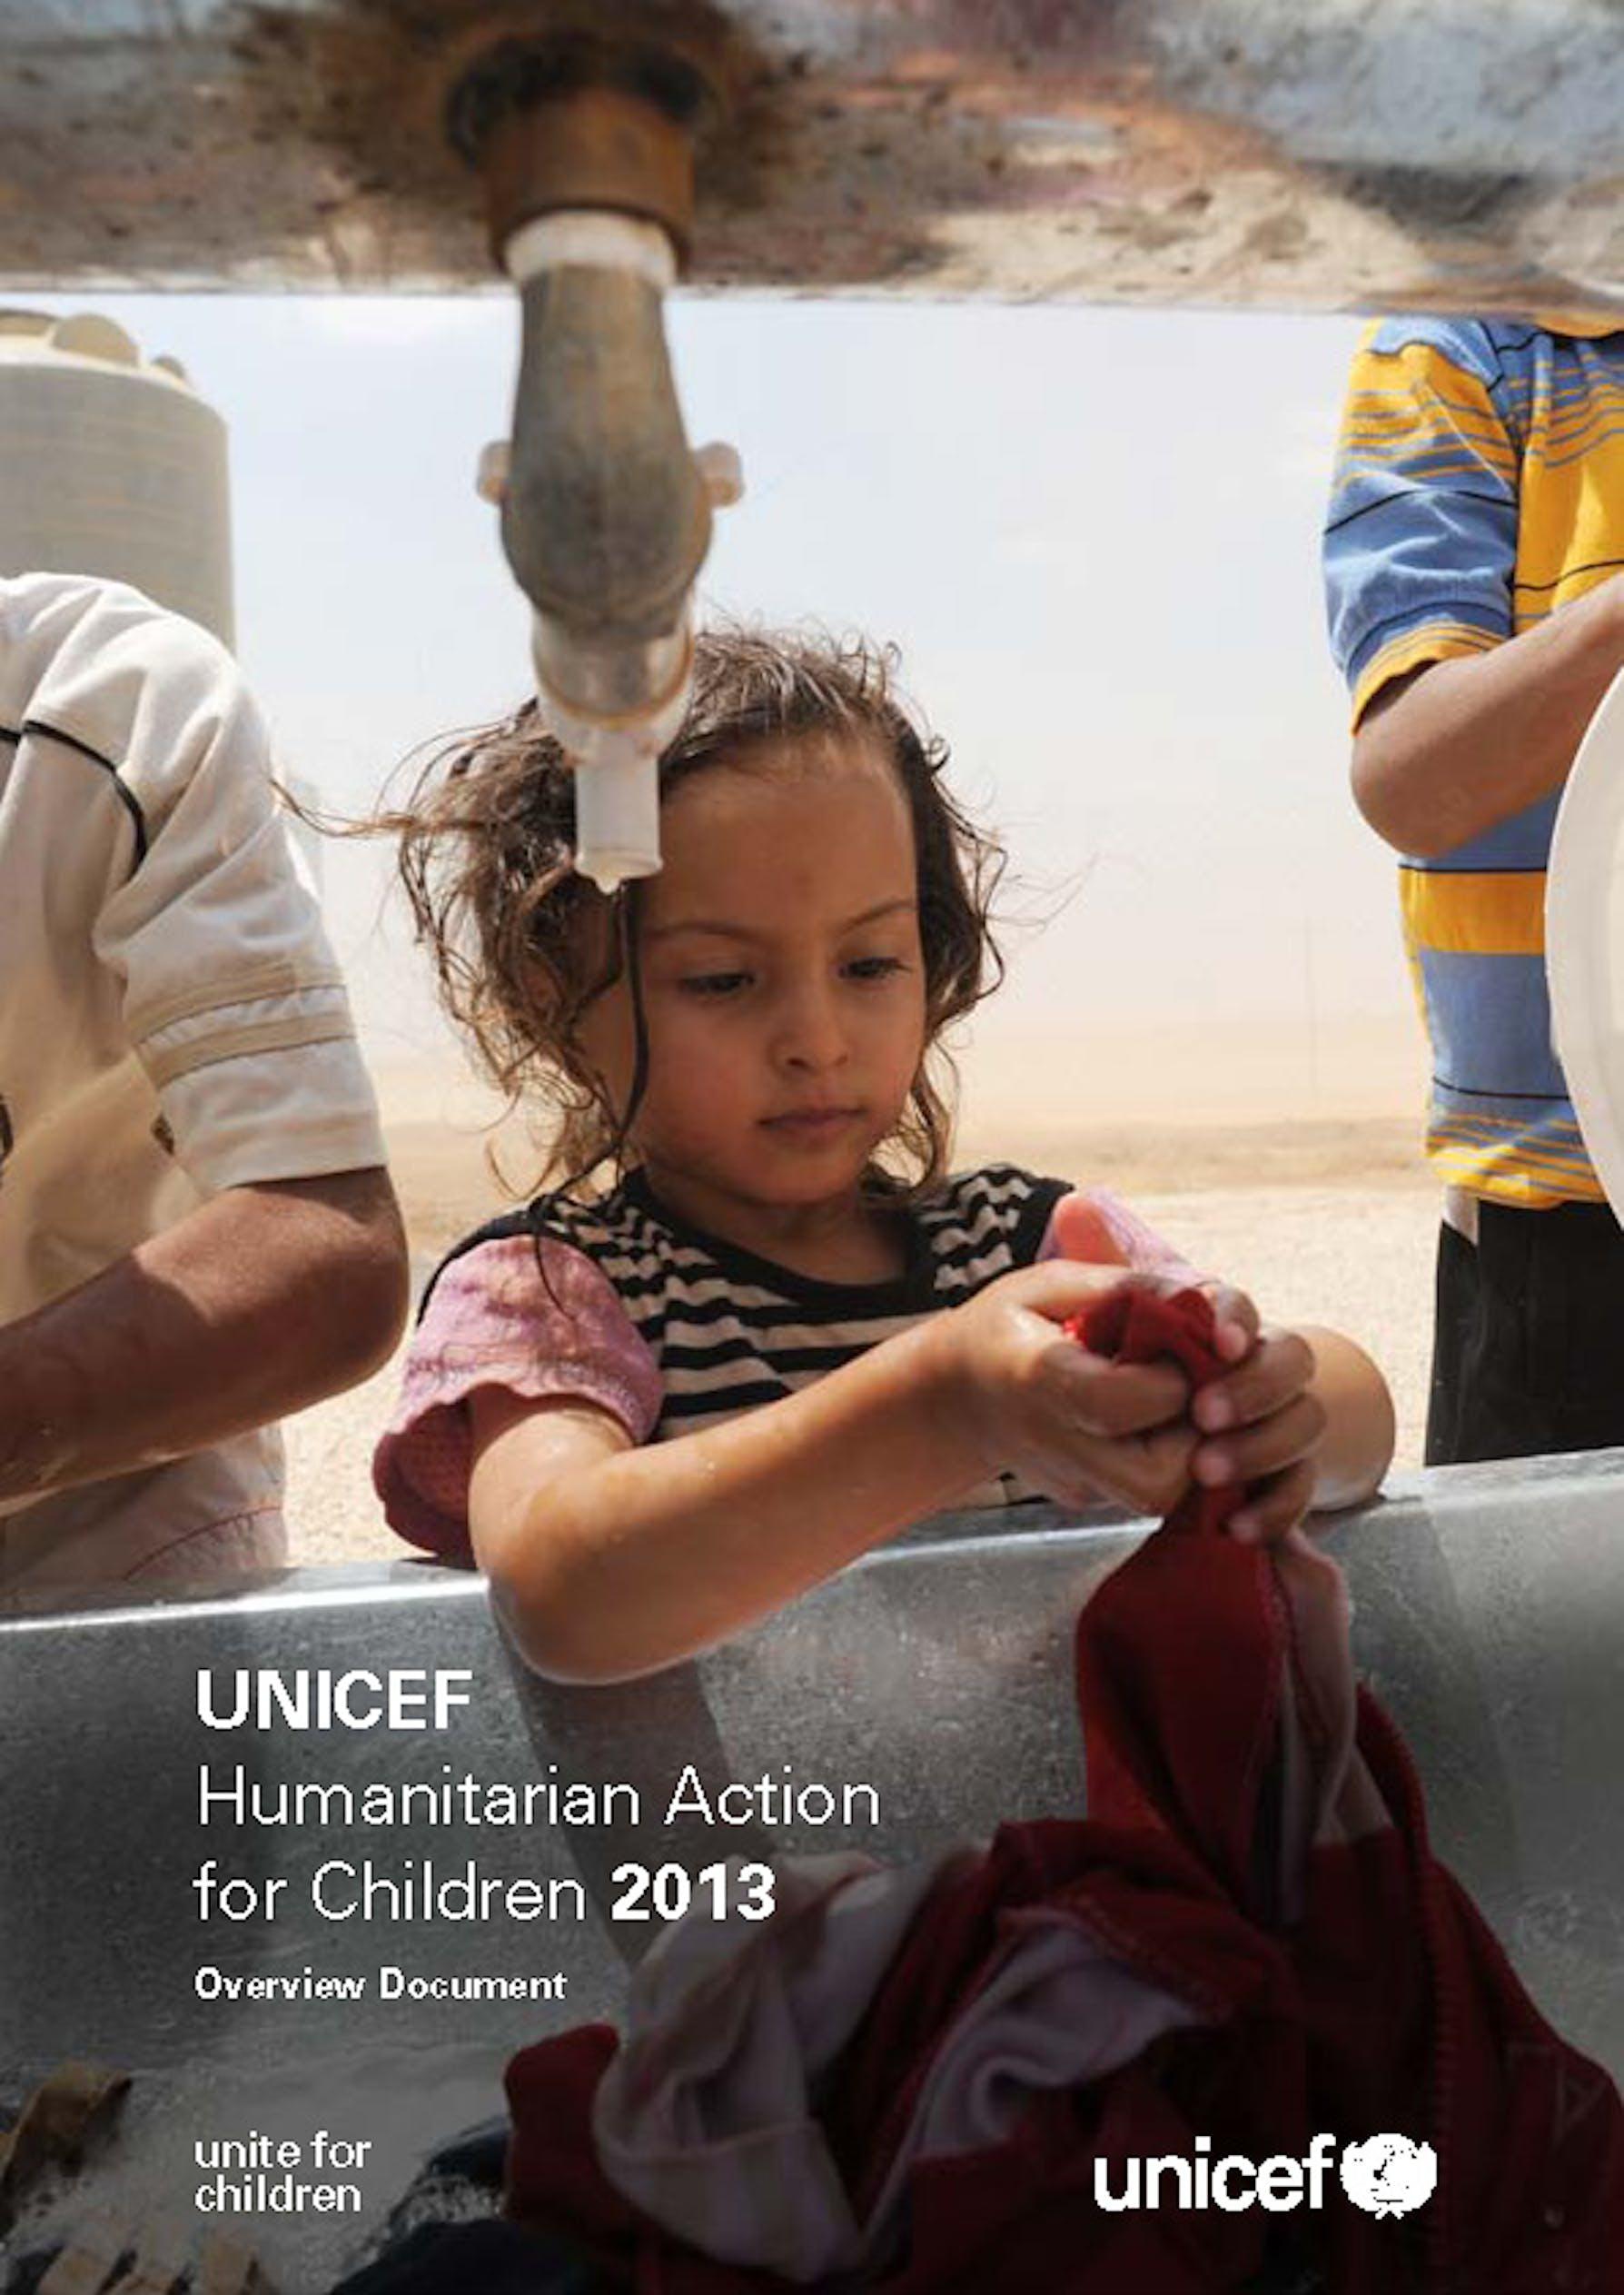 @UNICEF/2013